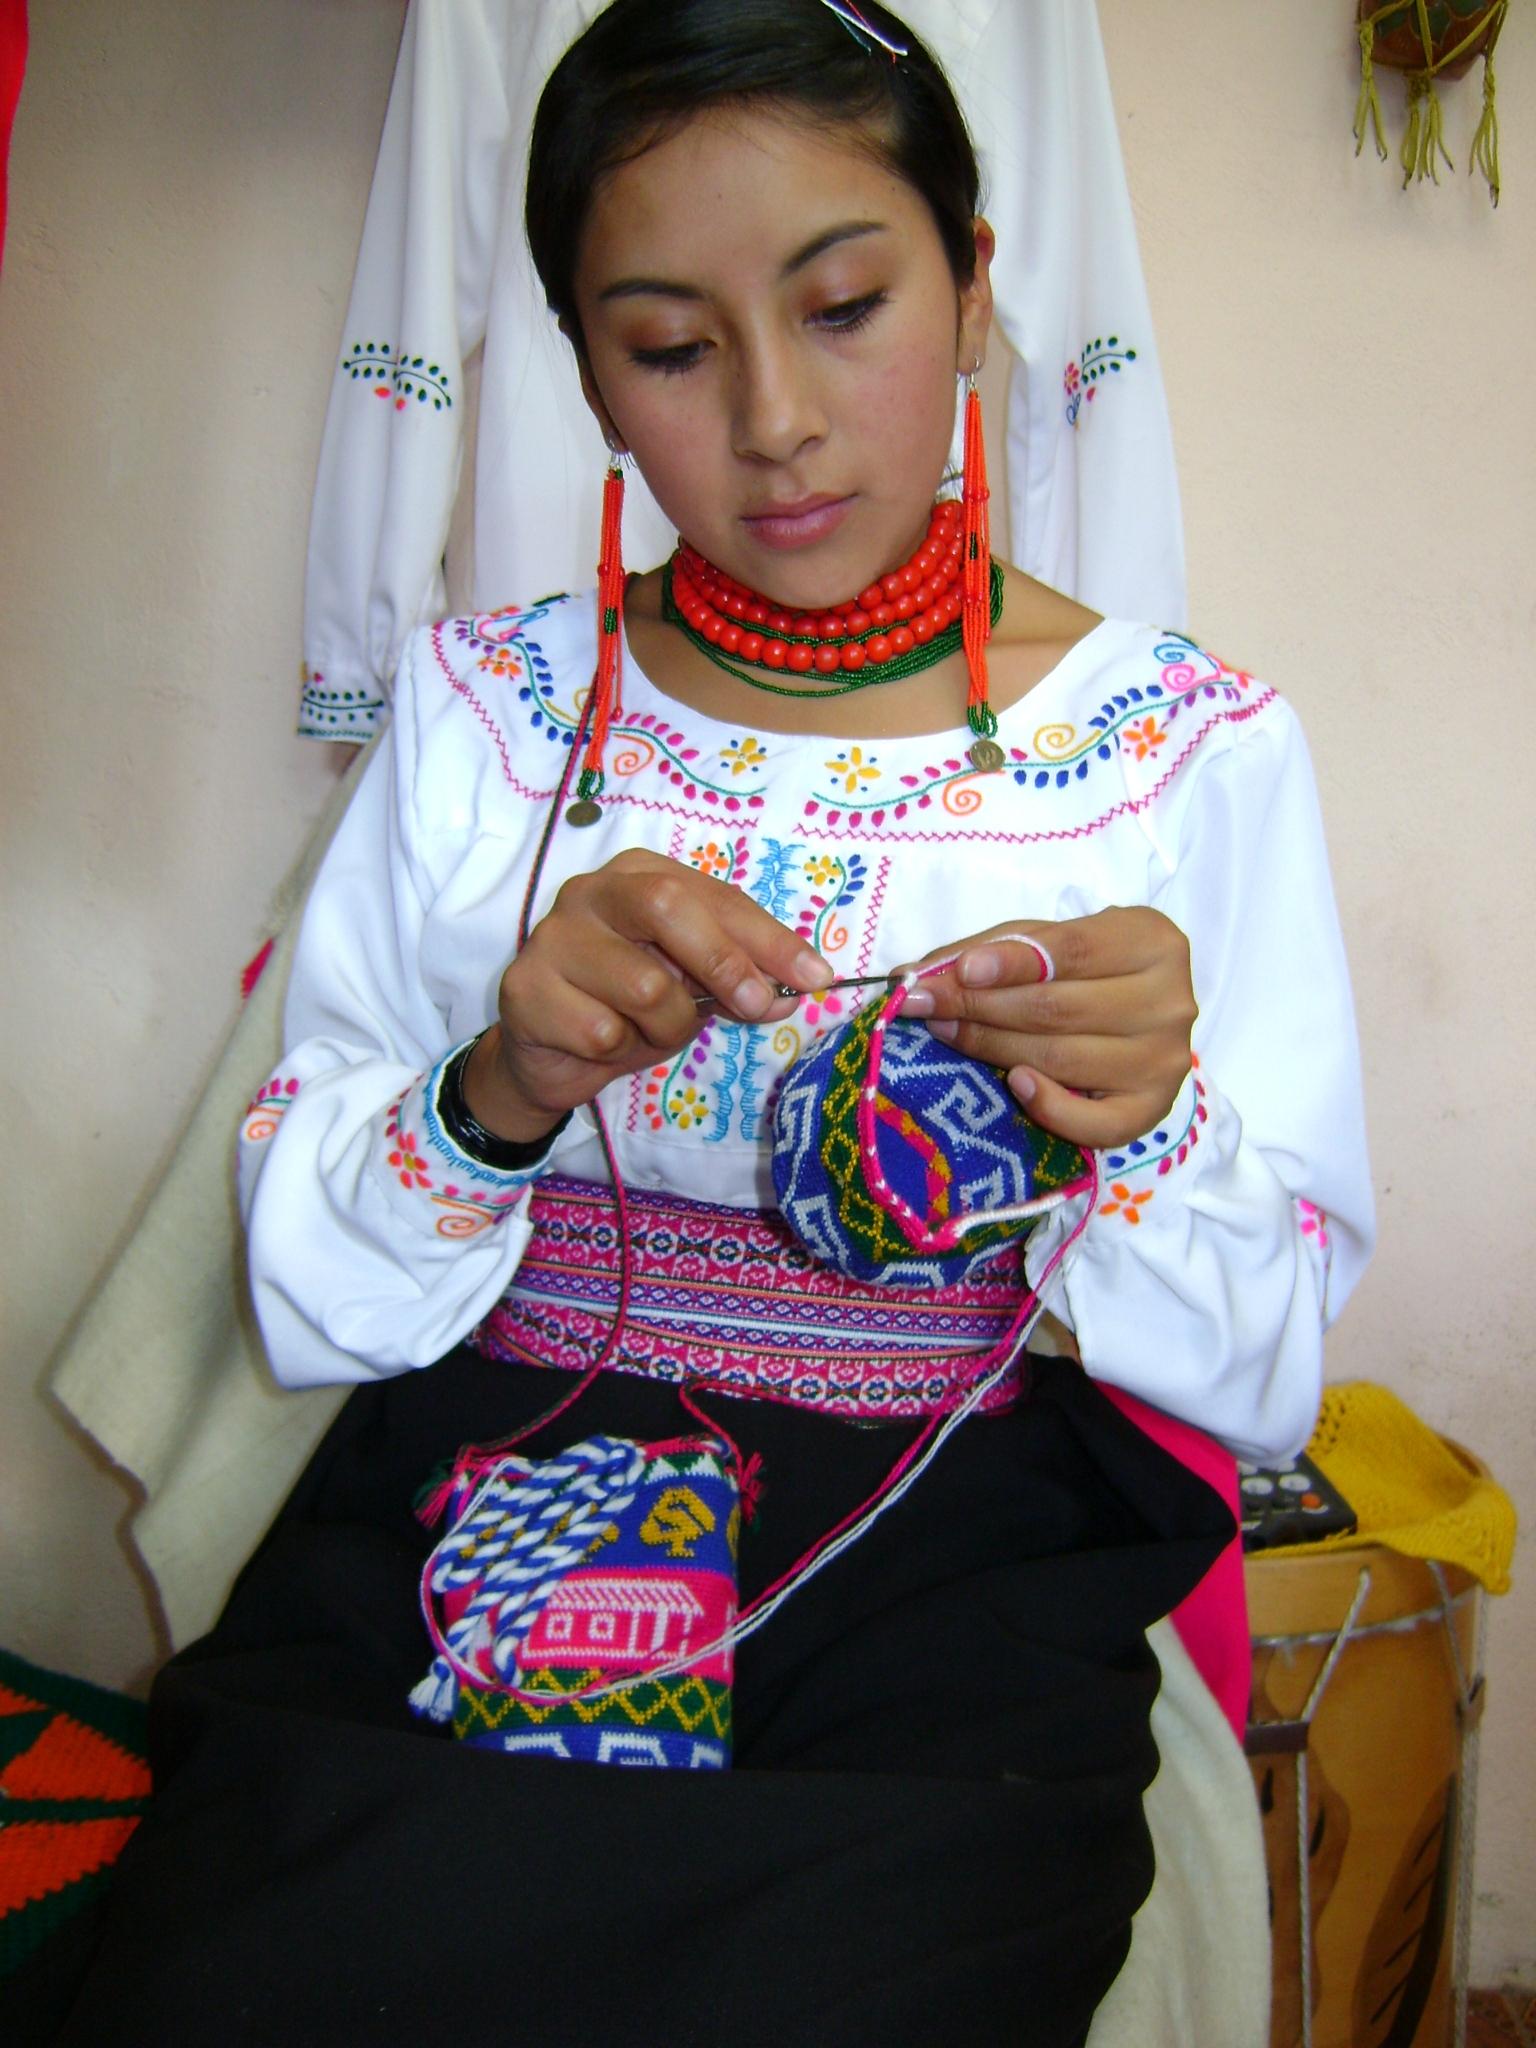 e3846c2e2c0 Archivo:Mujer puruwa.JPG - Wikipedia, la enciclopedia libre